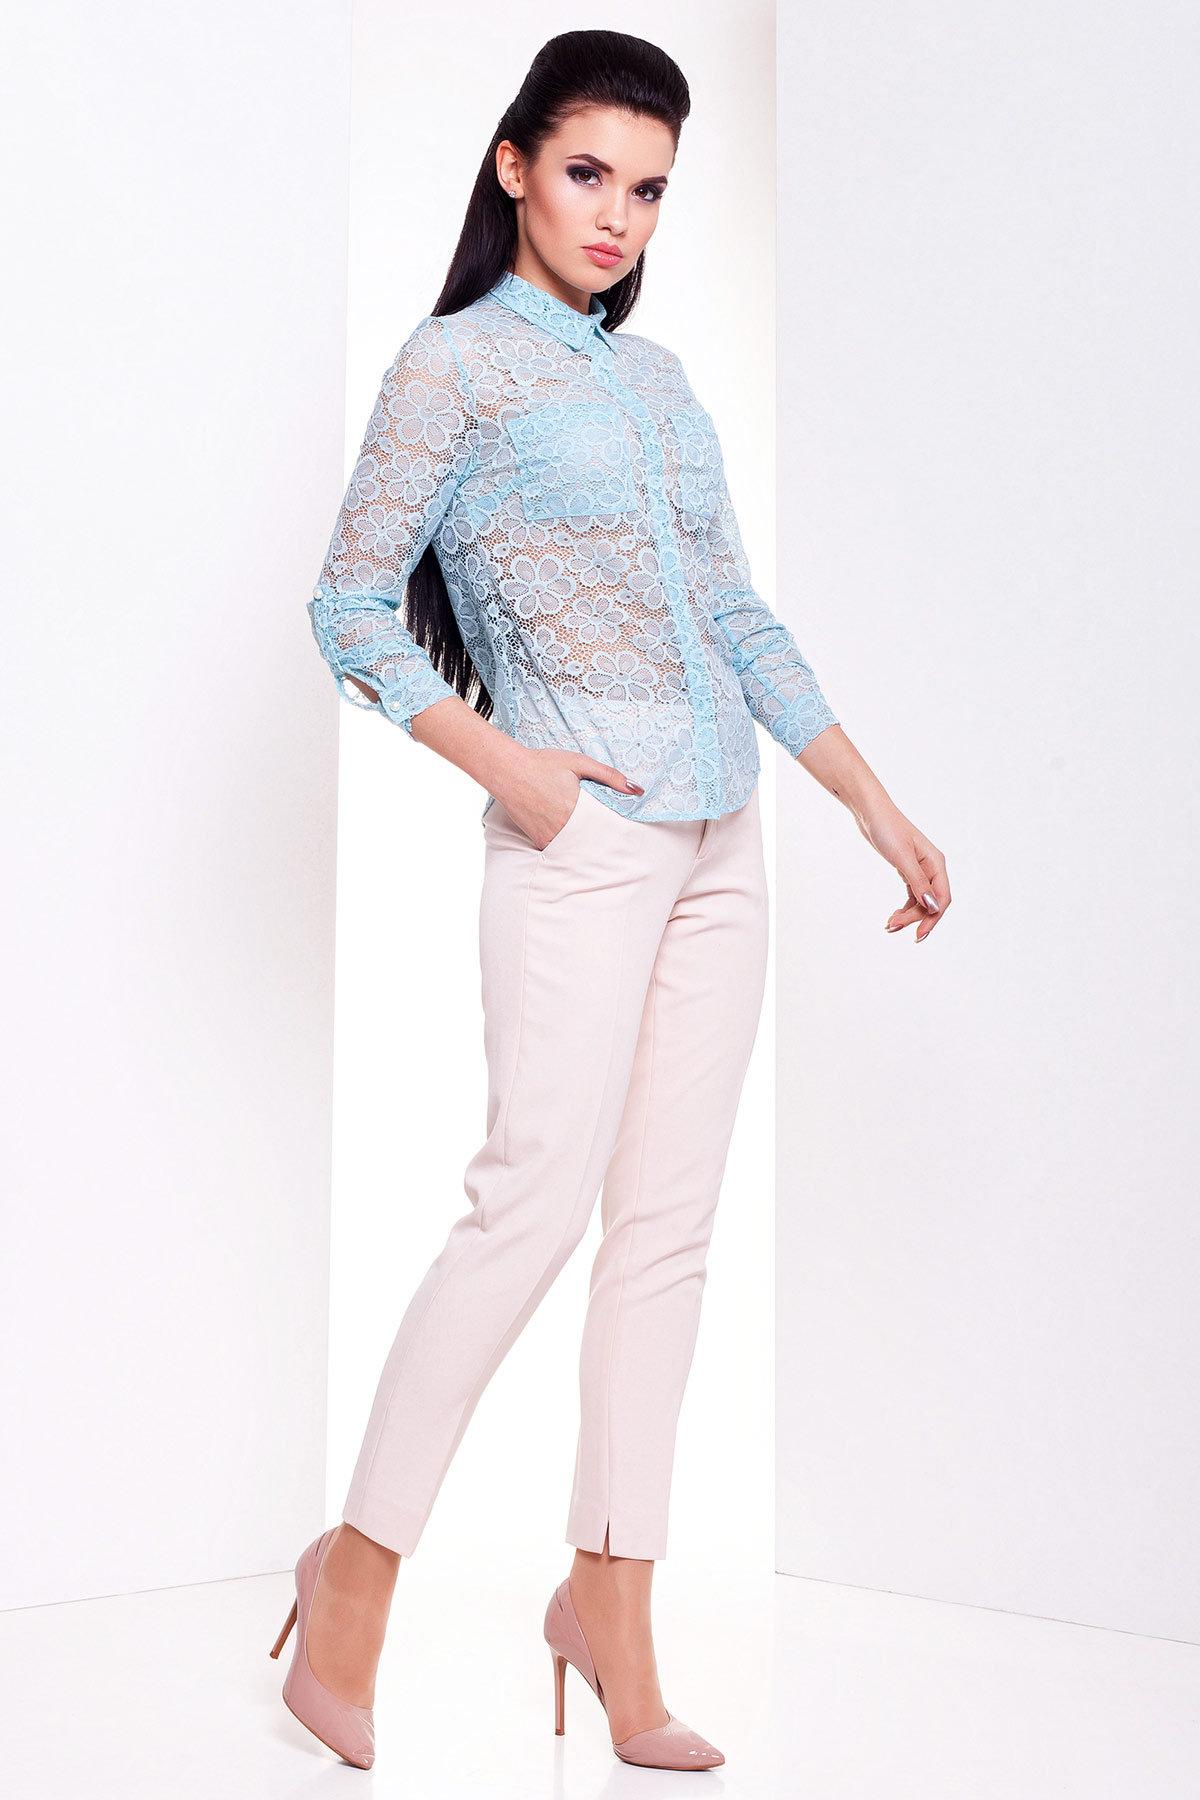 Блуза Асти 2893 АРТ. 15170 Цвет: Мята  - фото 2, интернет магазин tm-modus.ru